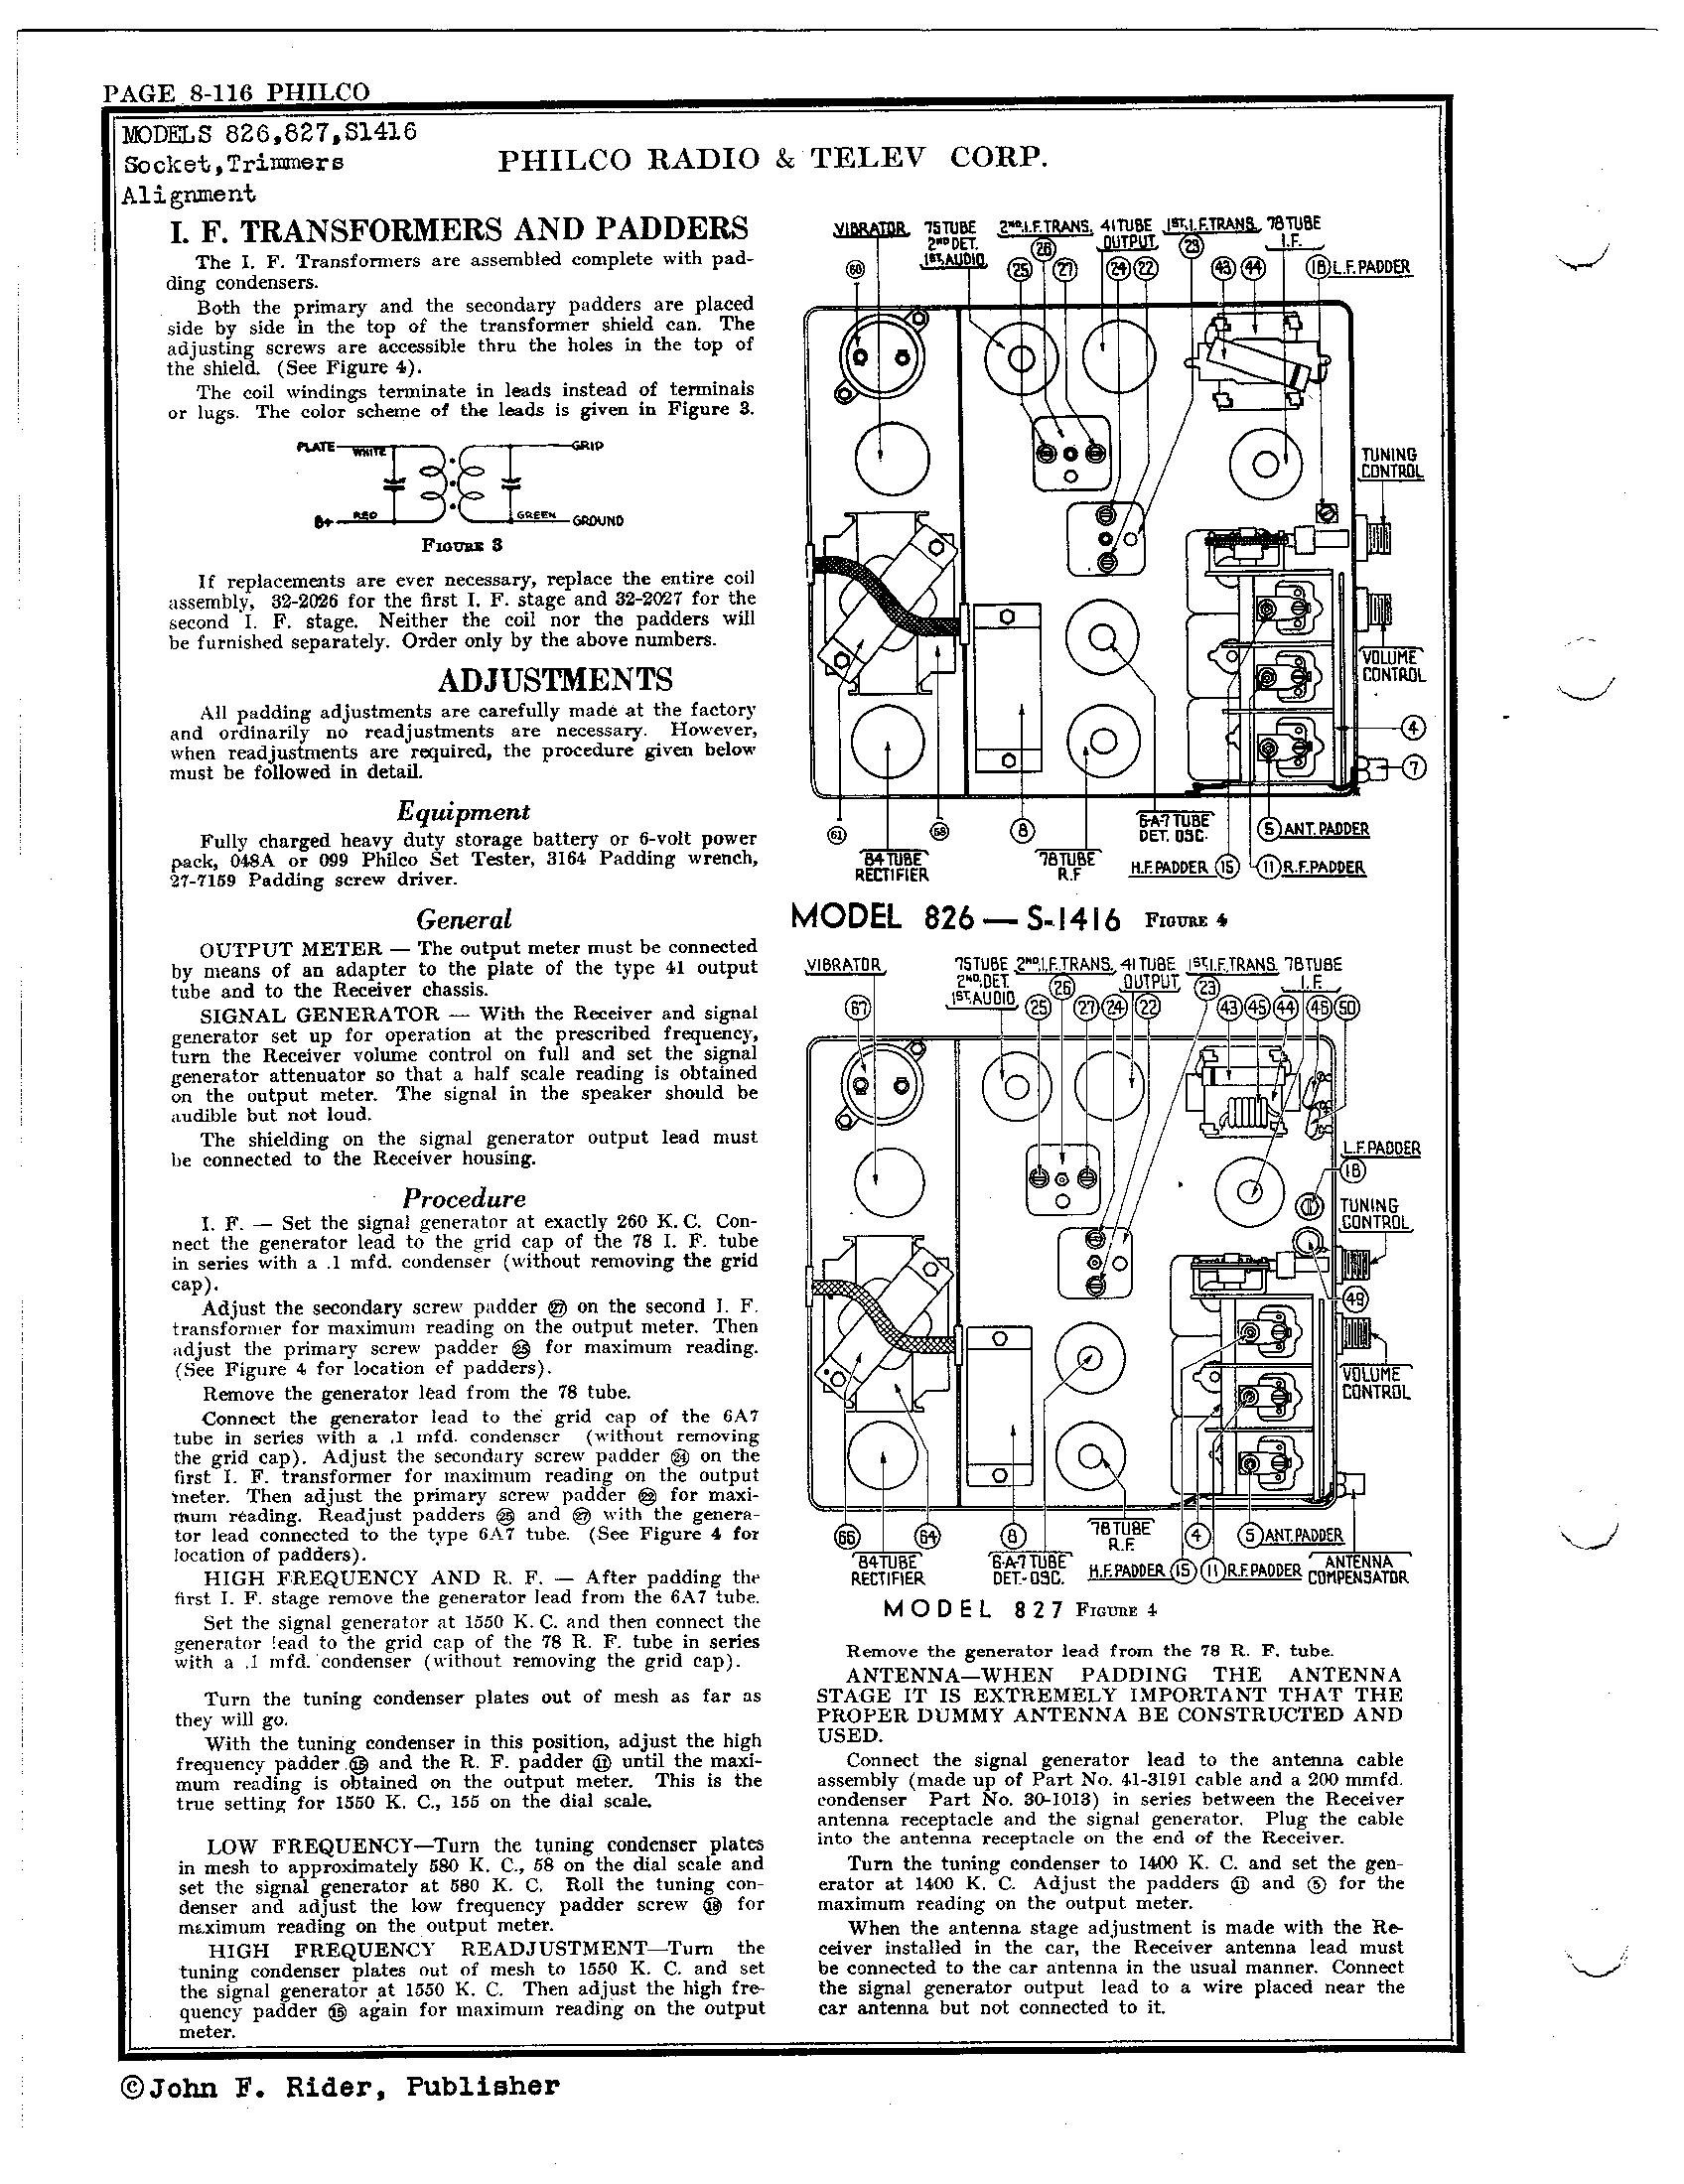 Philco Refrigerator Wiring Diagram : Antique philco radio schematics get free image